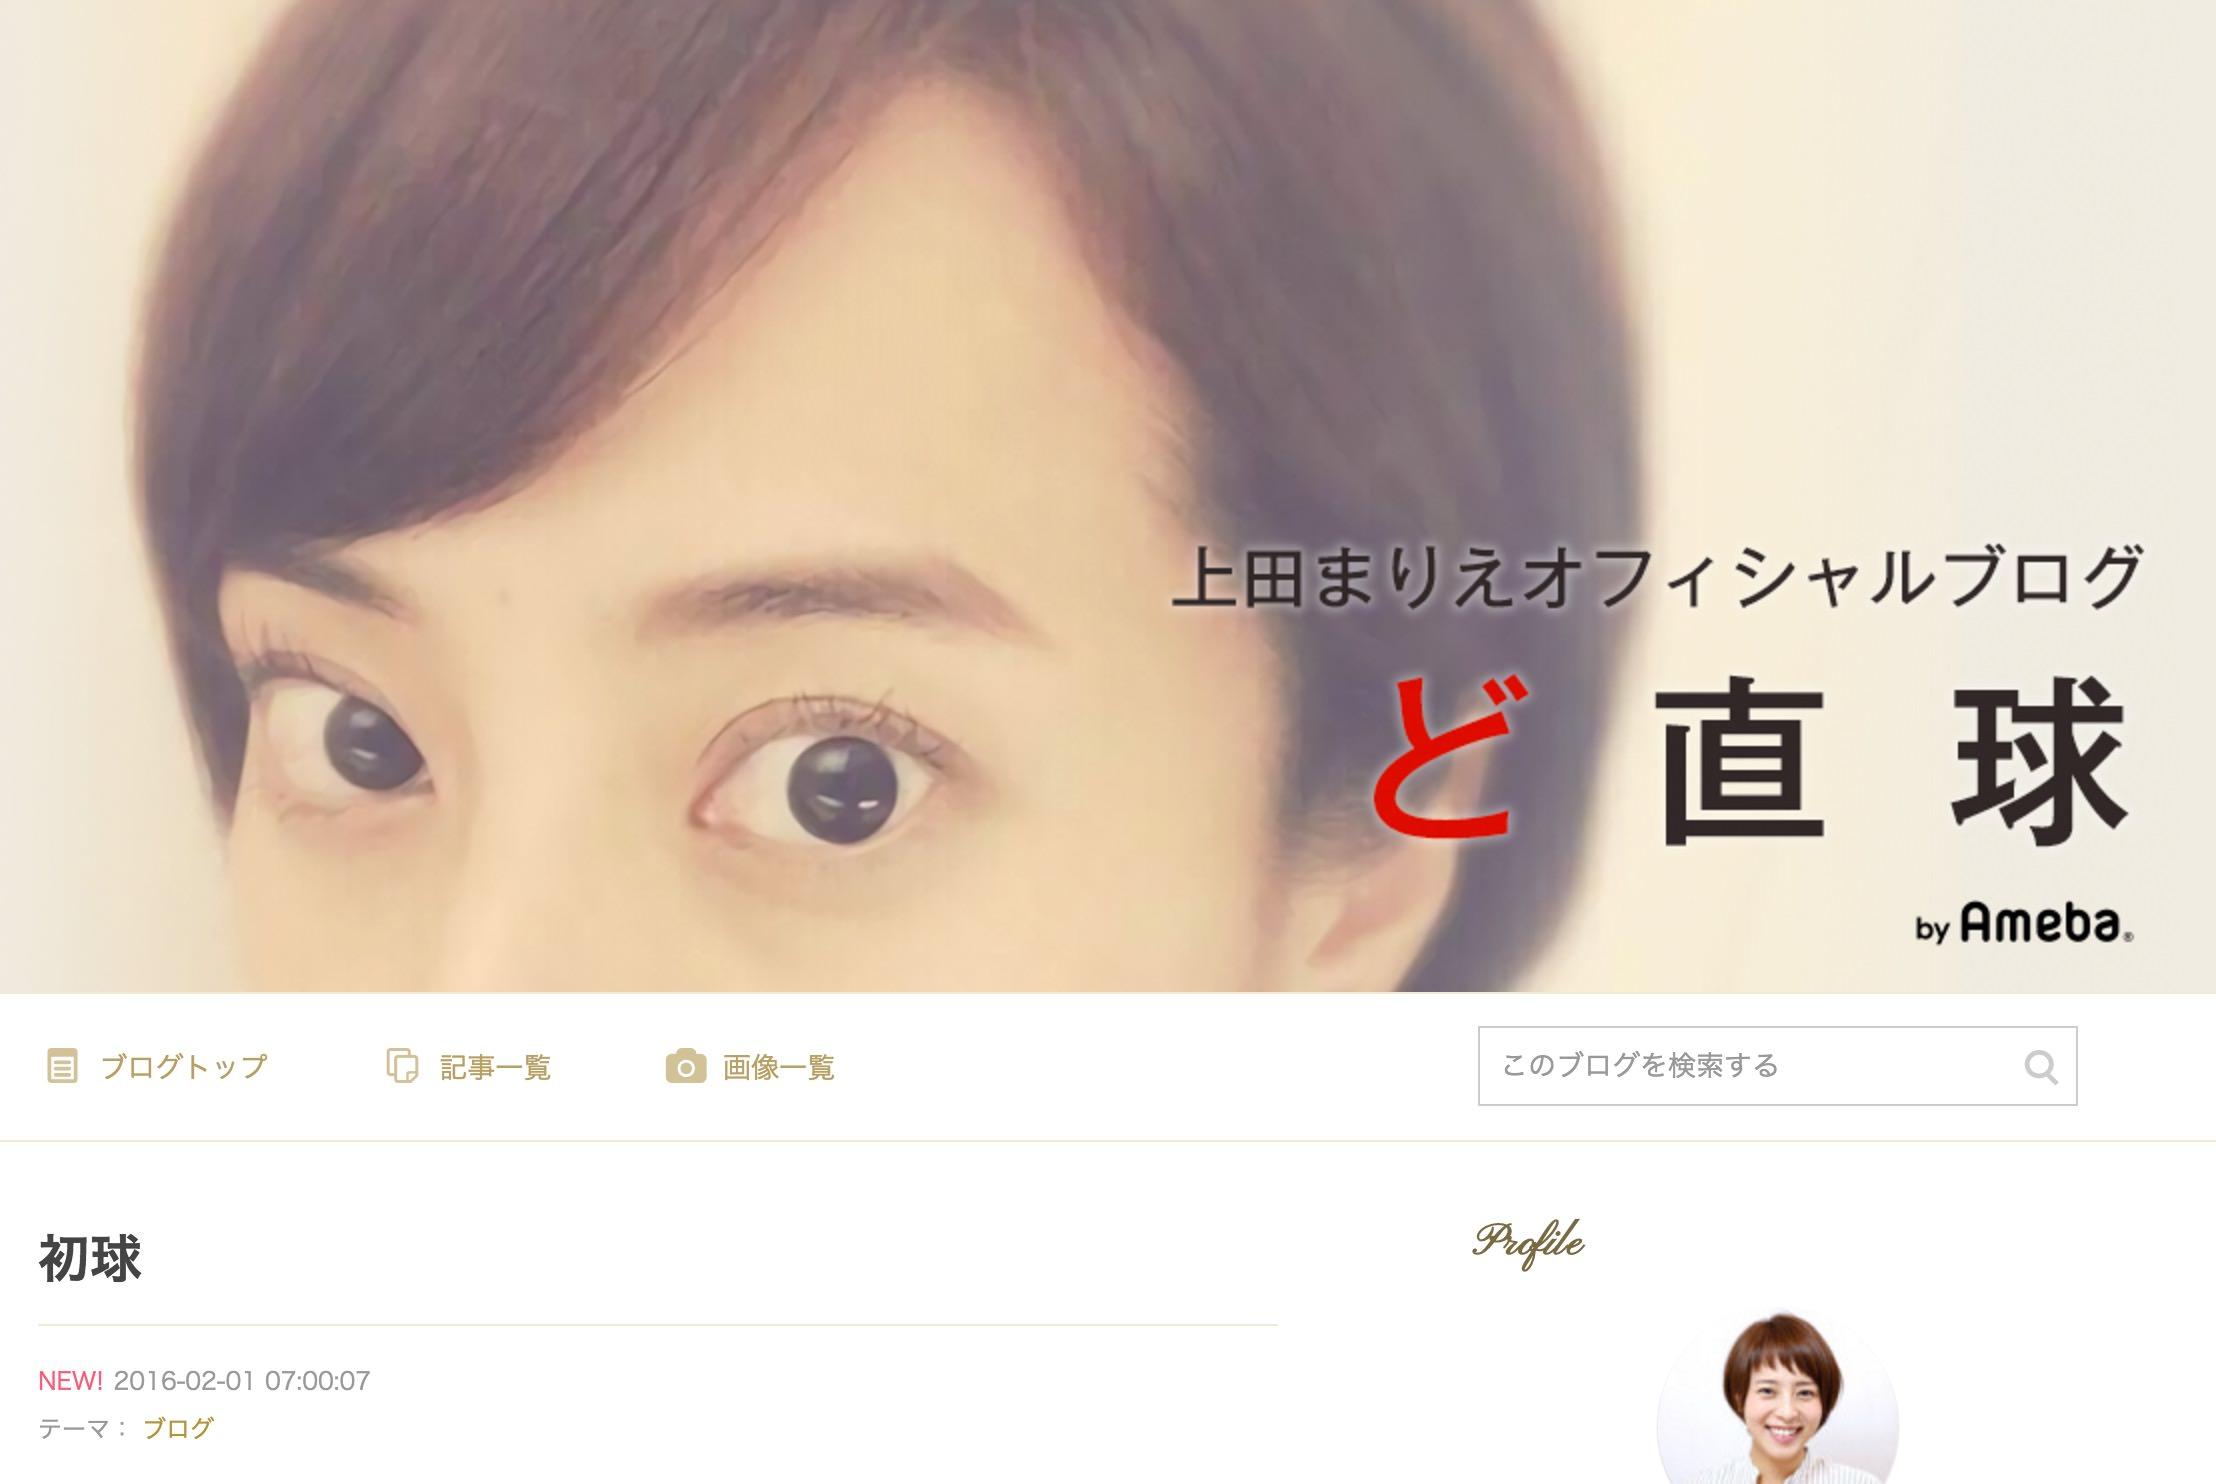 元日テレ・アナウンサー上田まりえ、松竹芸能でタレントに転身